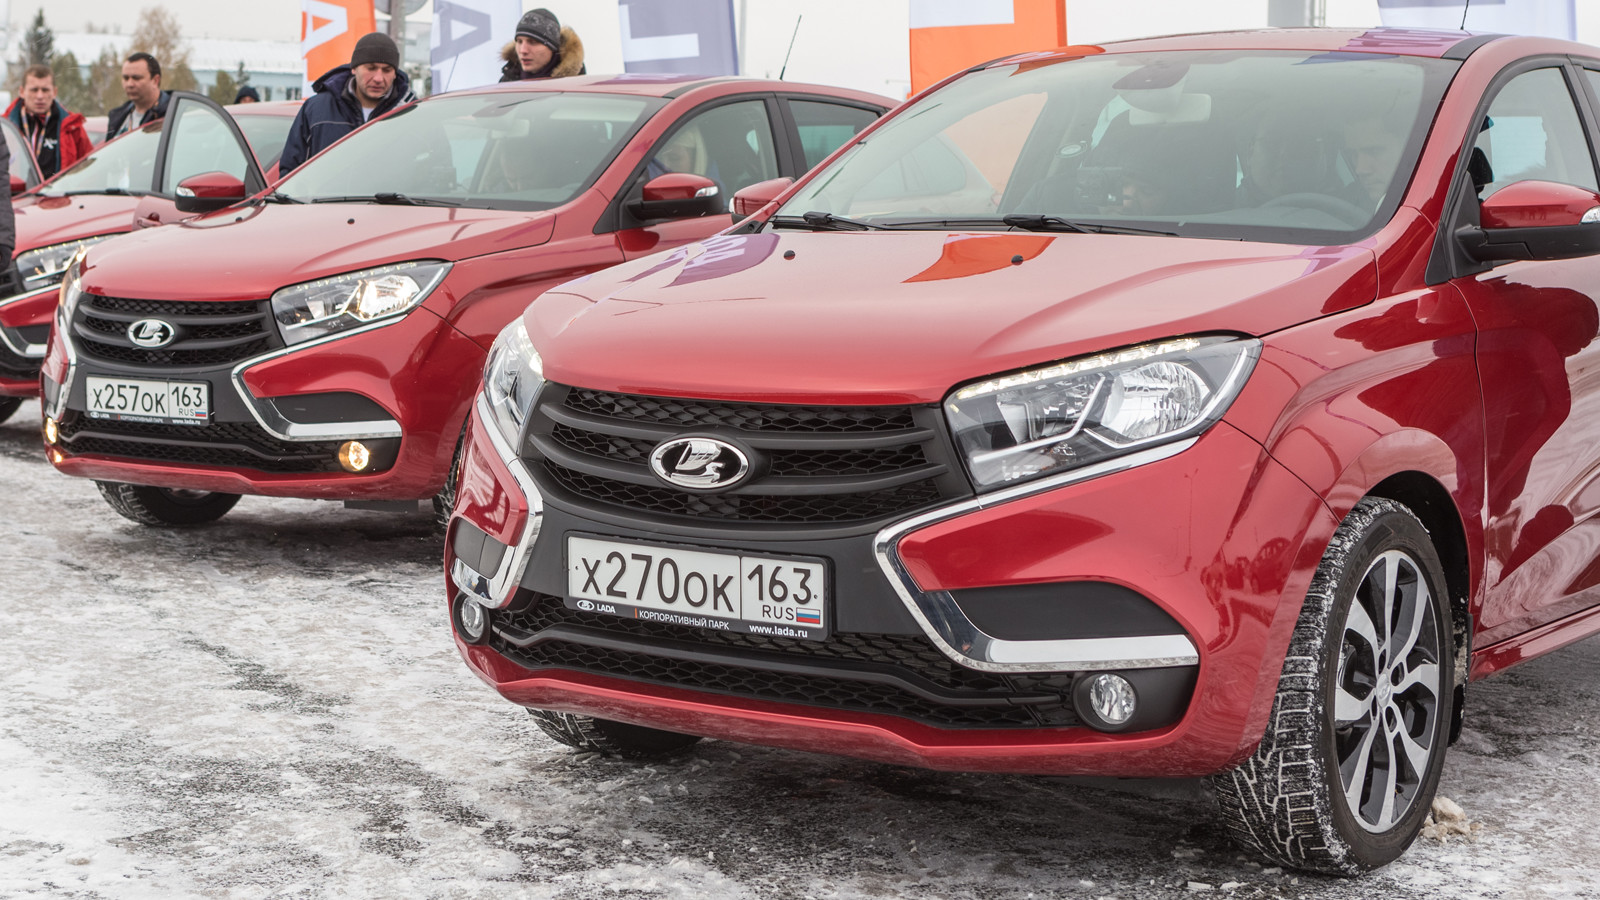 Волжский автомобильный завод запланировал рост продаж авто в Российской Федерации до13% в этом 2017 году